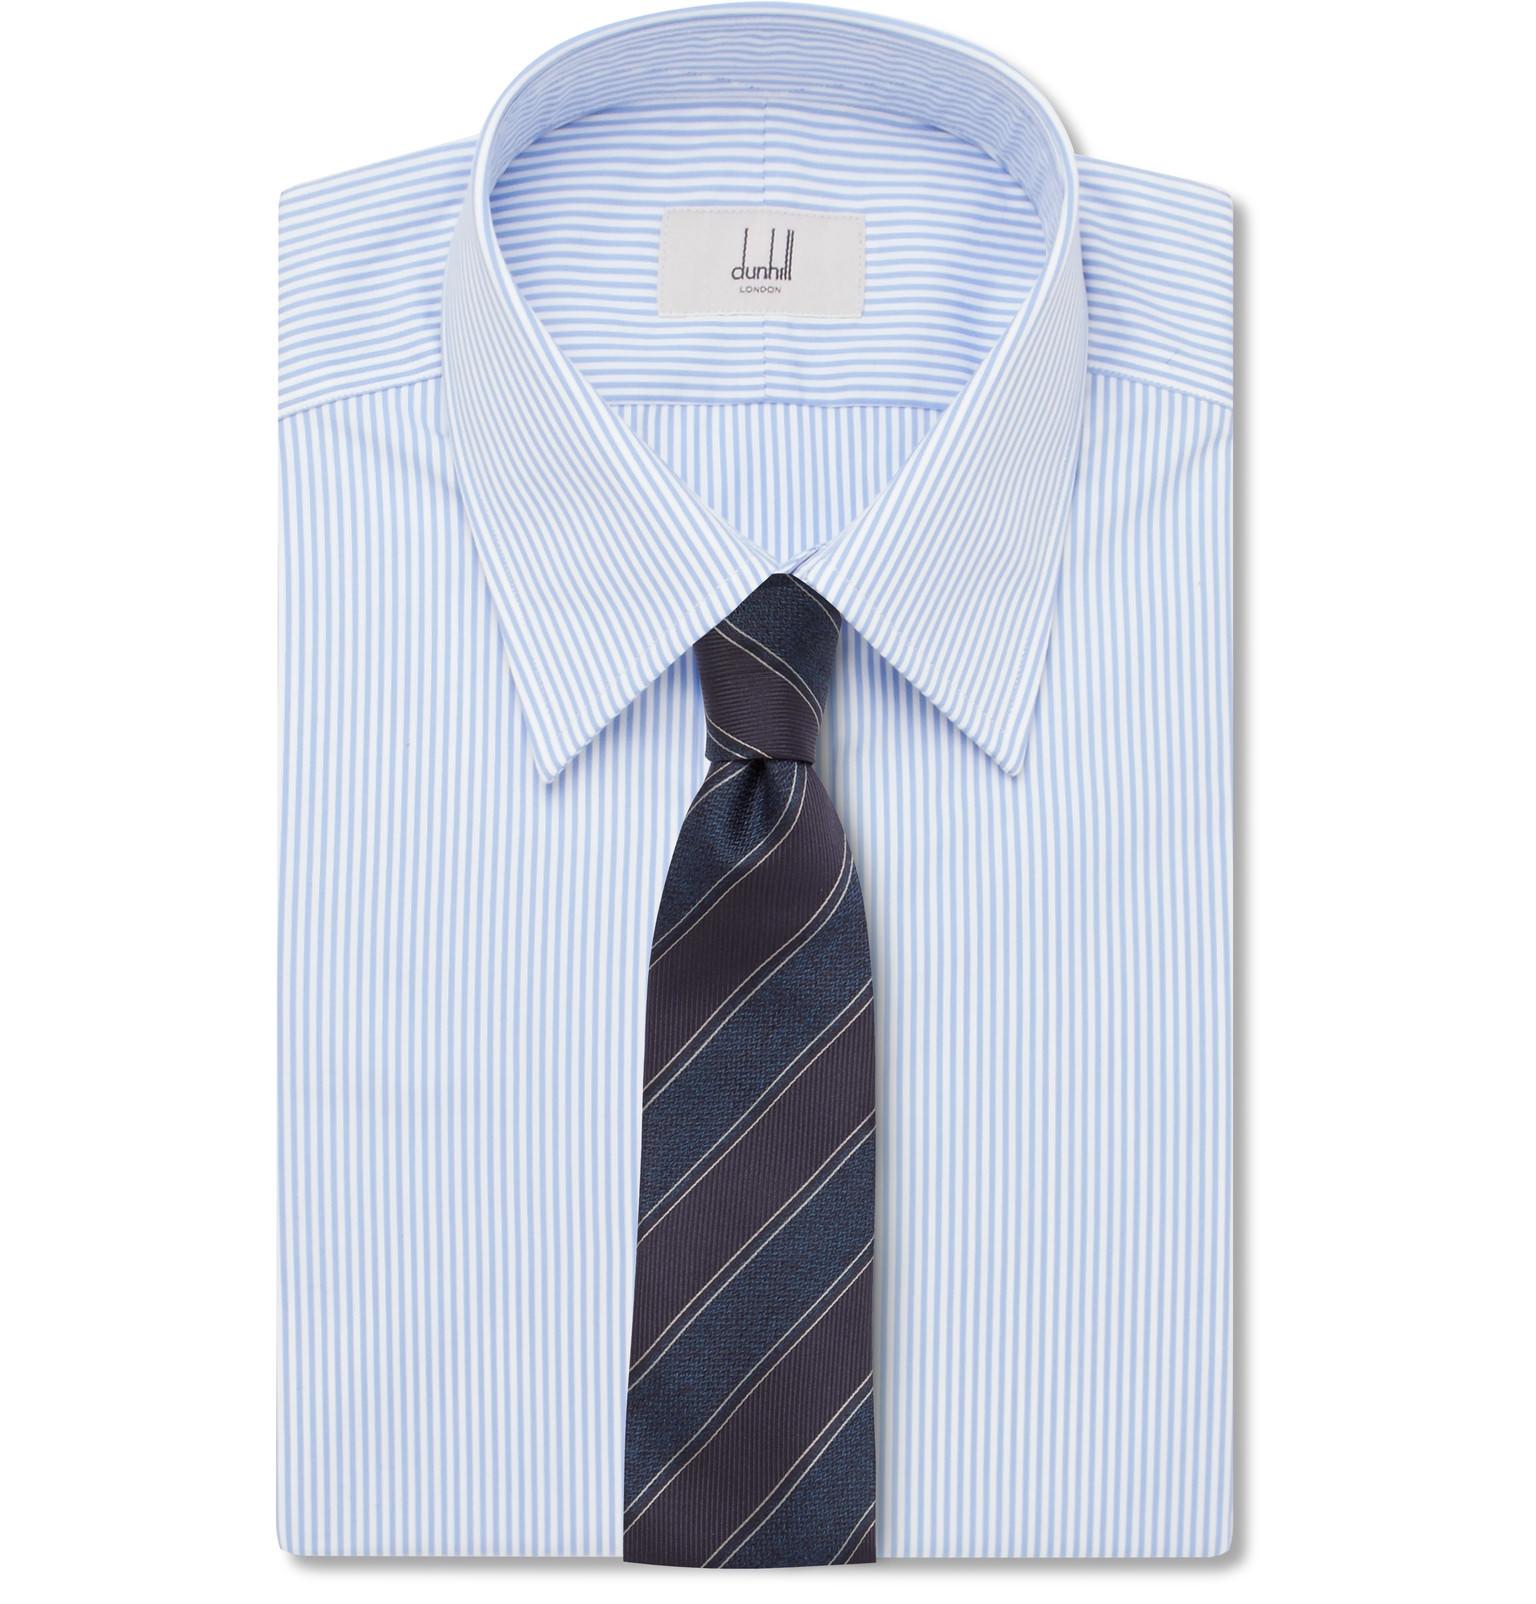 Comment Assortir Cravate Et Chemise Les Meilleurs Conseils